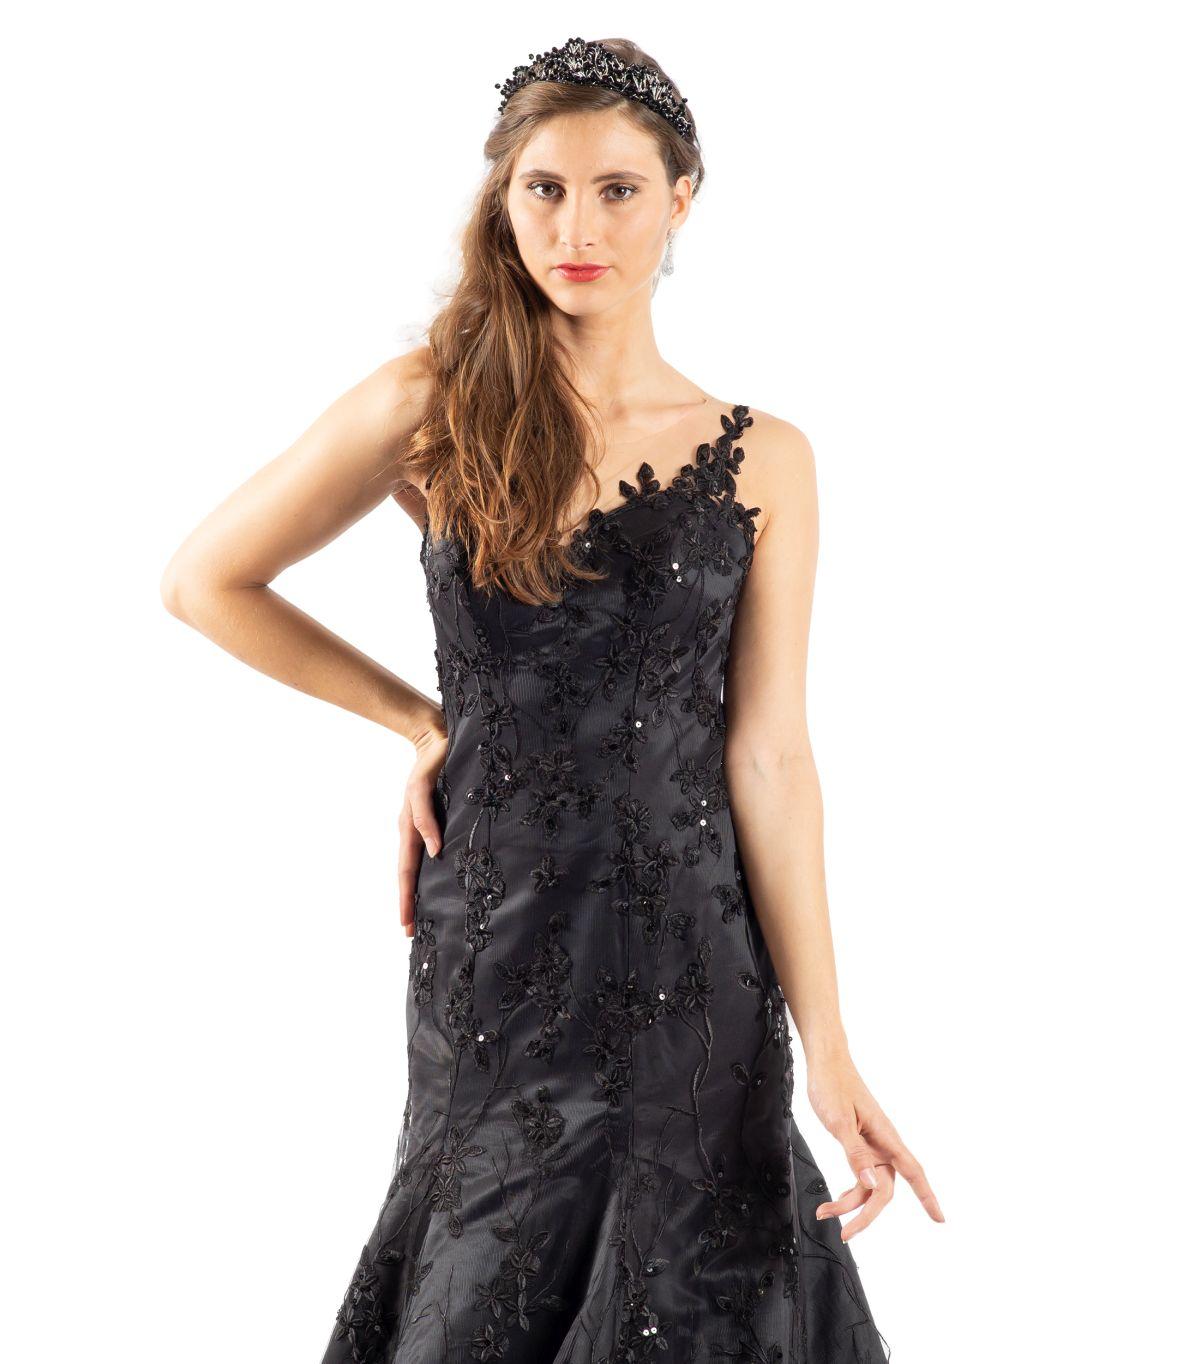 Olcay schwarzes Brautkleid detailansicht